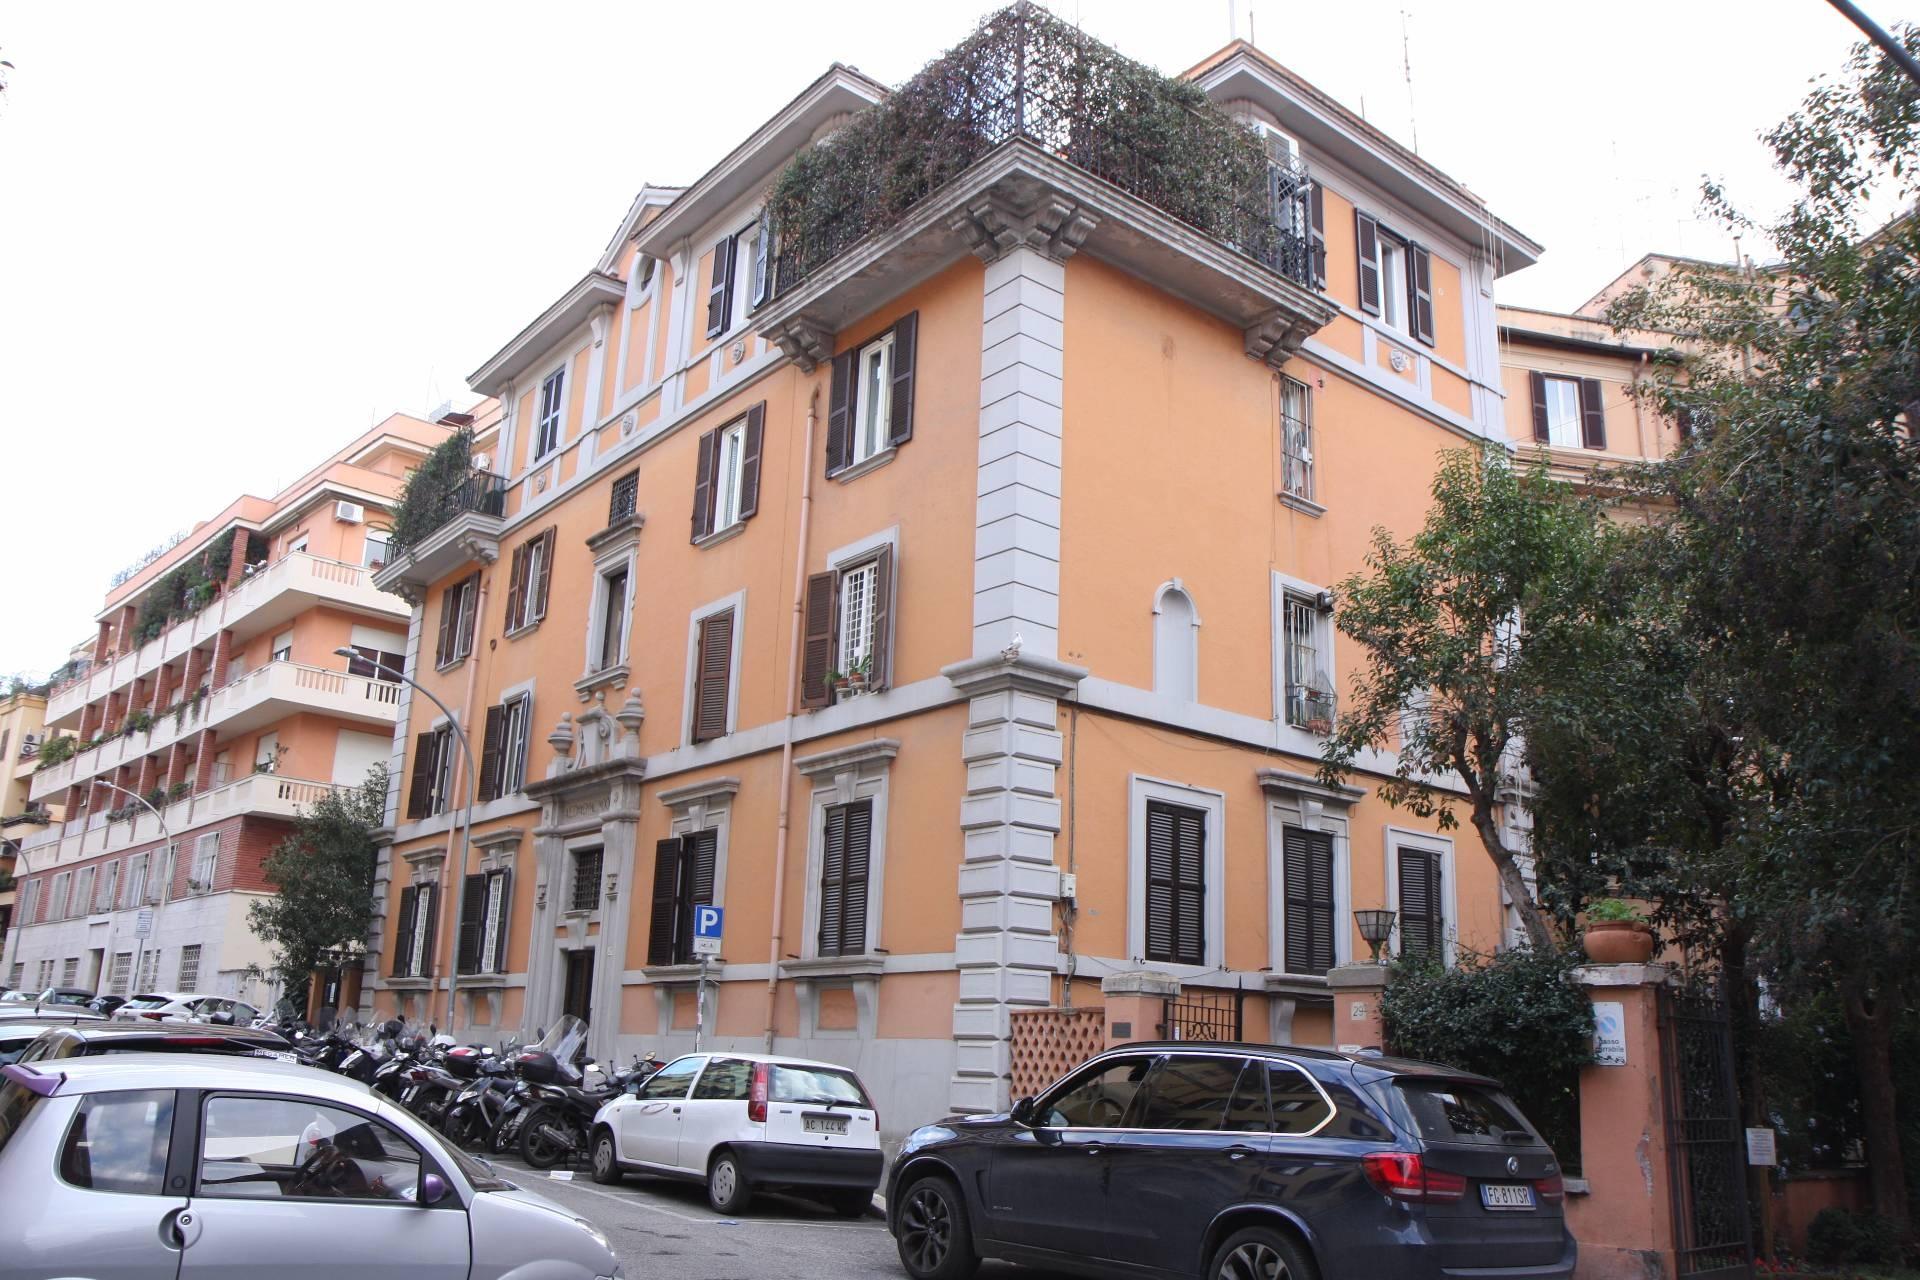 Annunci immobiliari inserzionista investment business for Annunci immobiliari roma